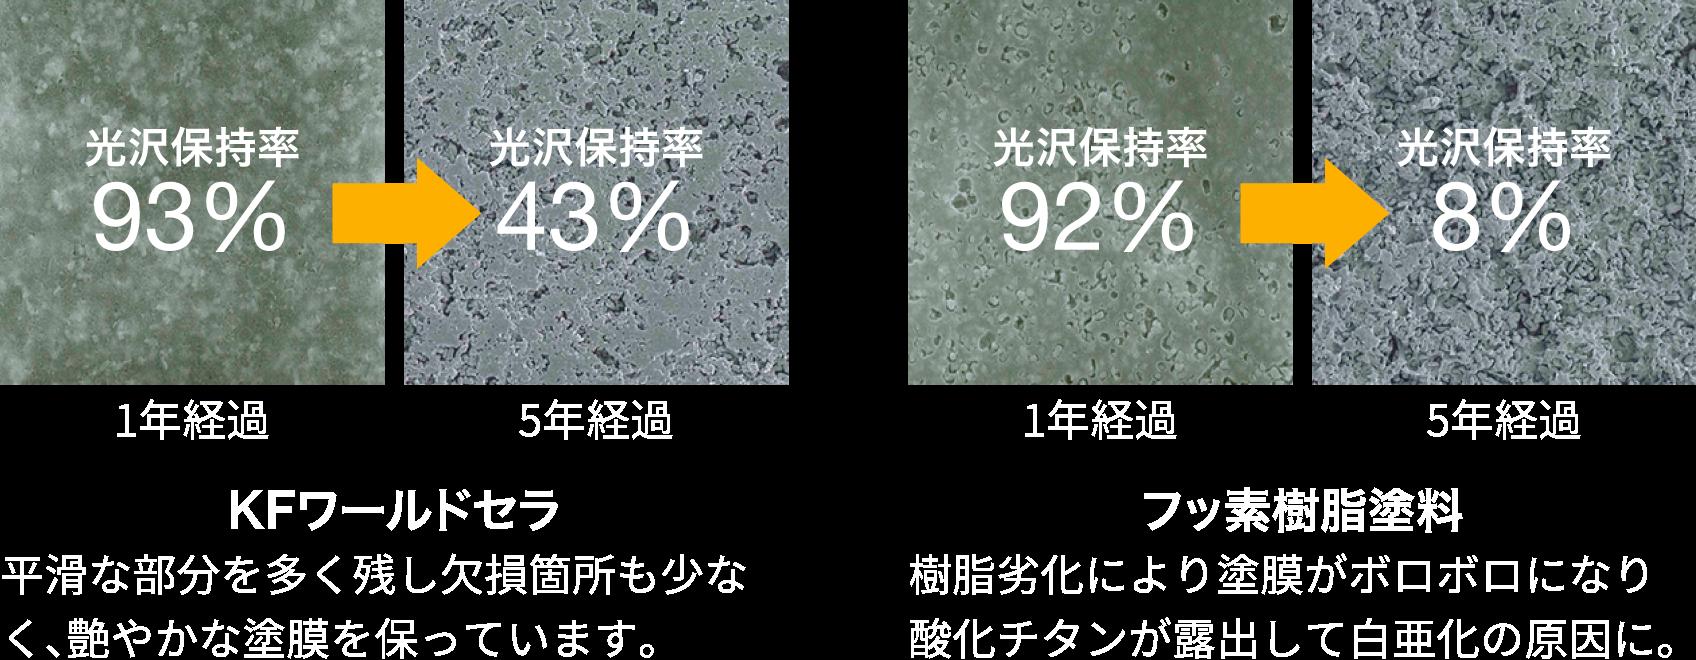 光沢保持率の変化の比較